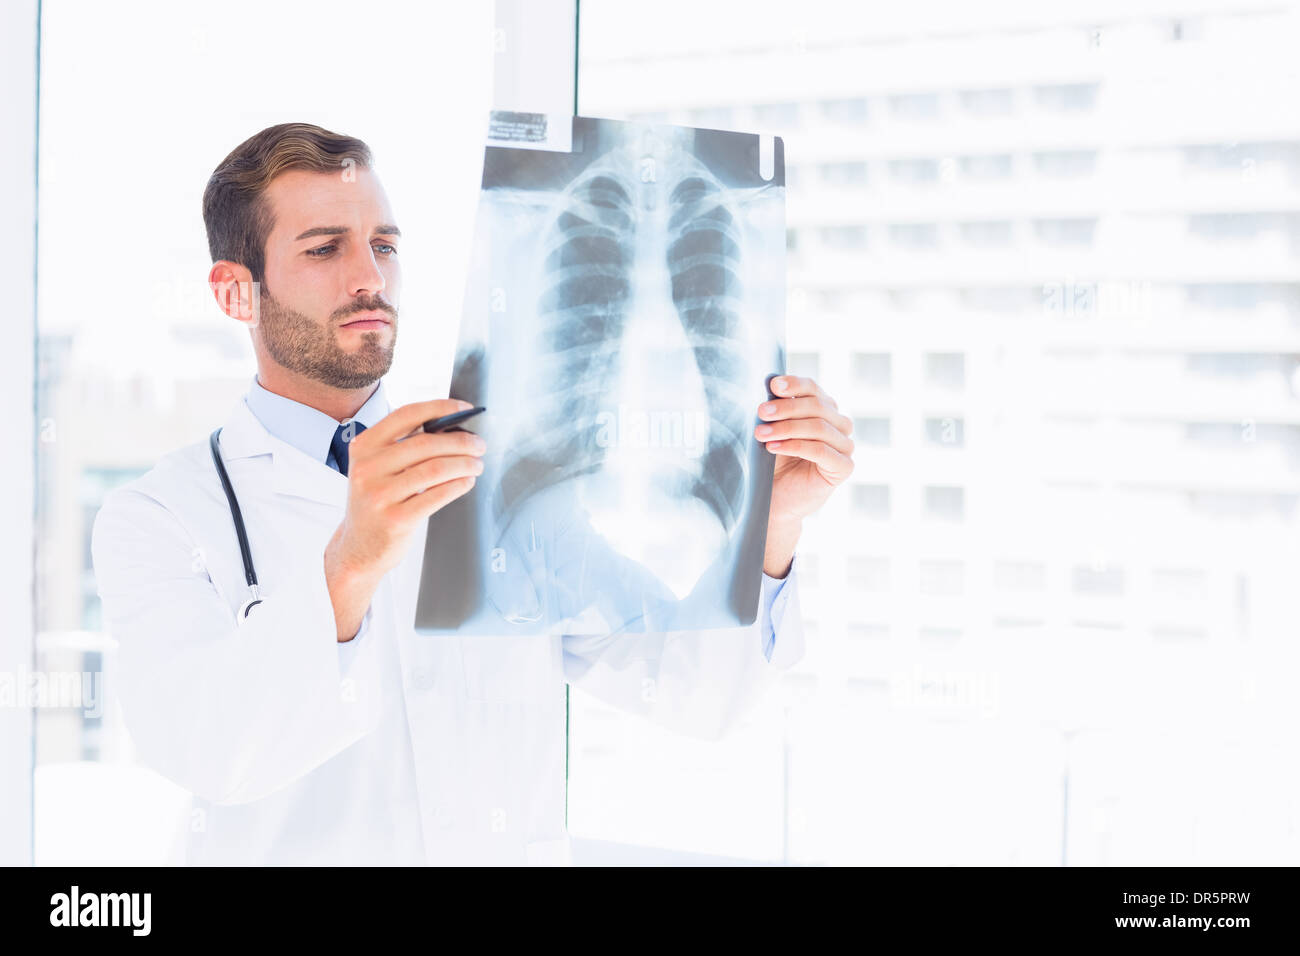 Männlichen Arzt Untersuchung Röntgen in der Arztpraxis Stockfoto ...